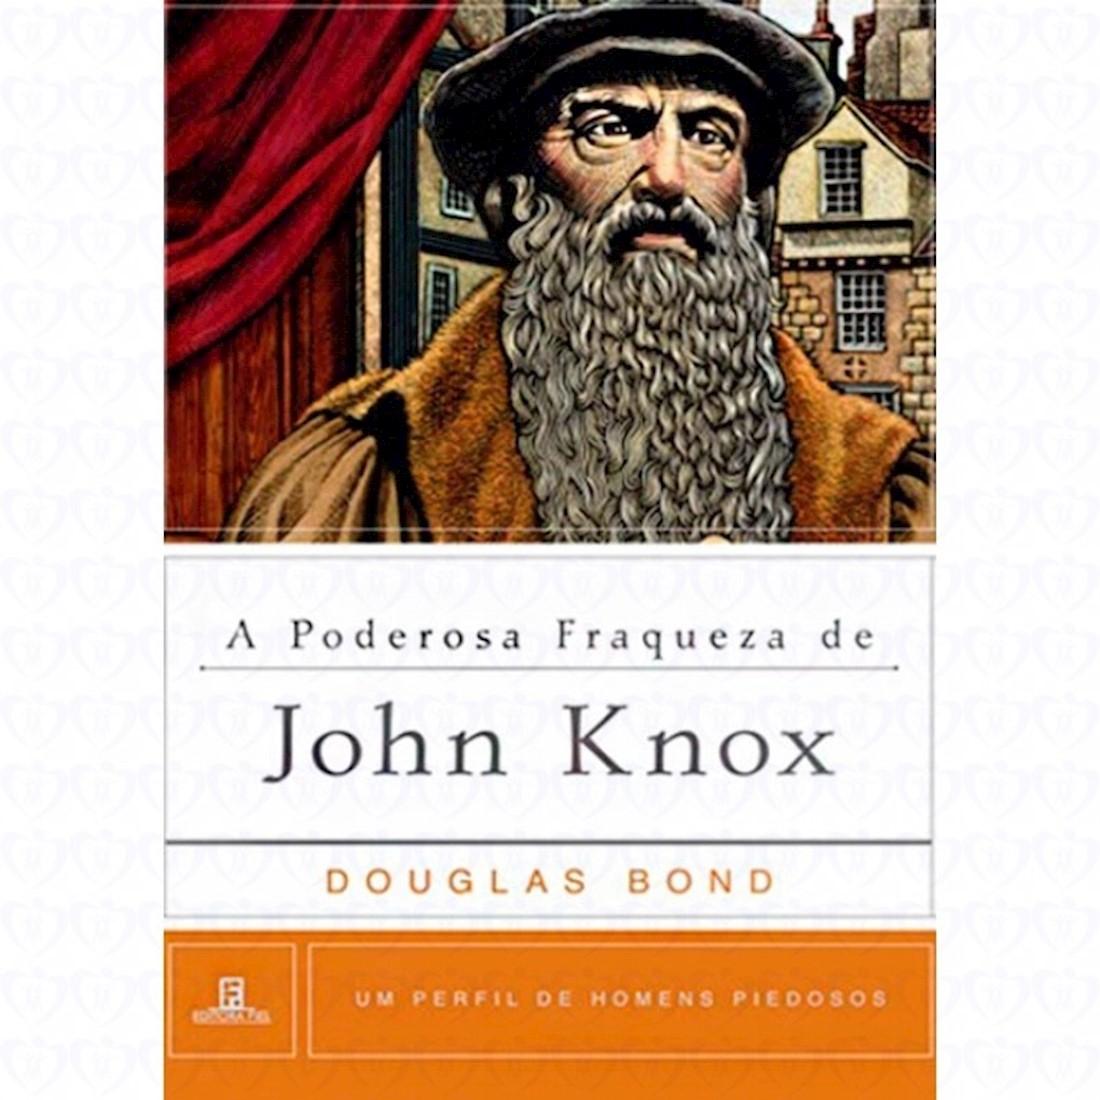 Livro A Poderosa Fraqueza de John Knox - Série Um Perfil de Homens Piedosos